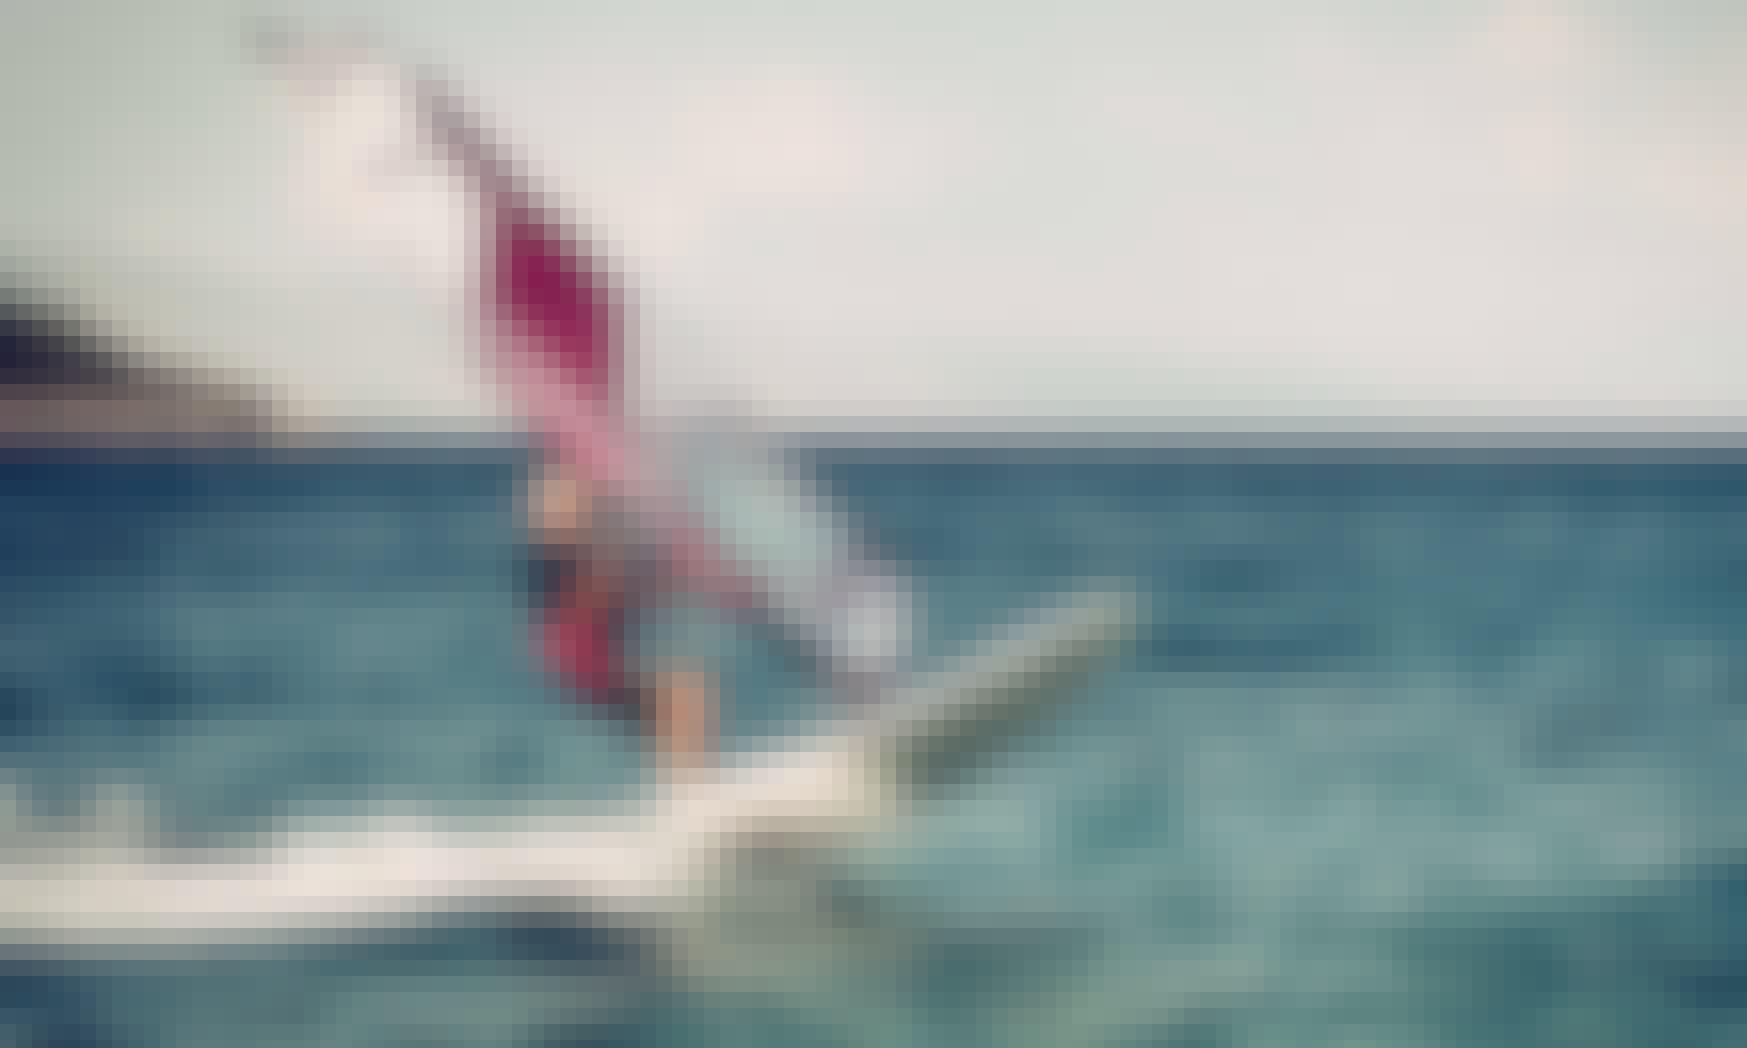 Windsurfing Rentals & Lessons in Common Moor, UK